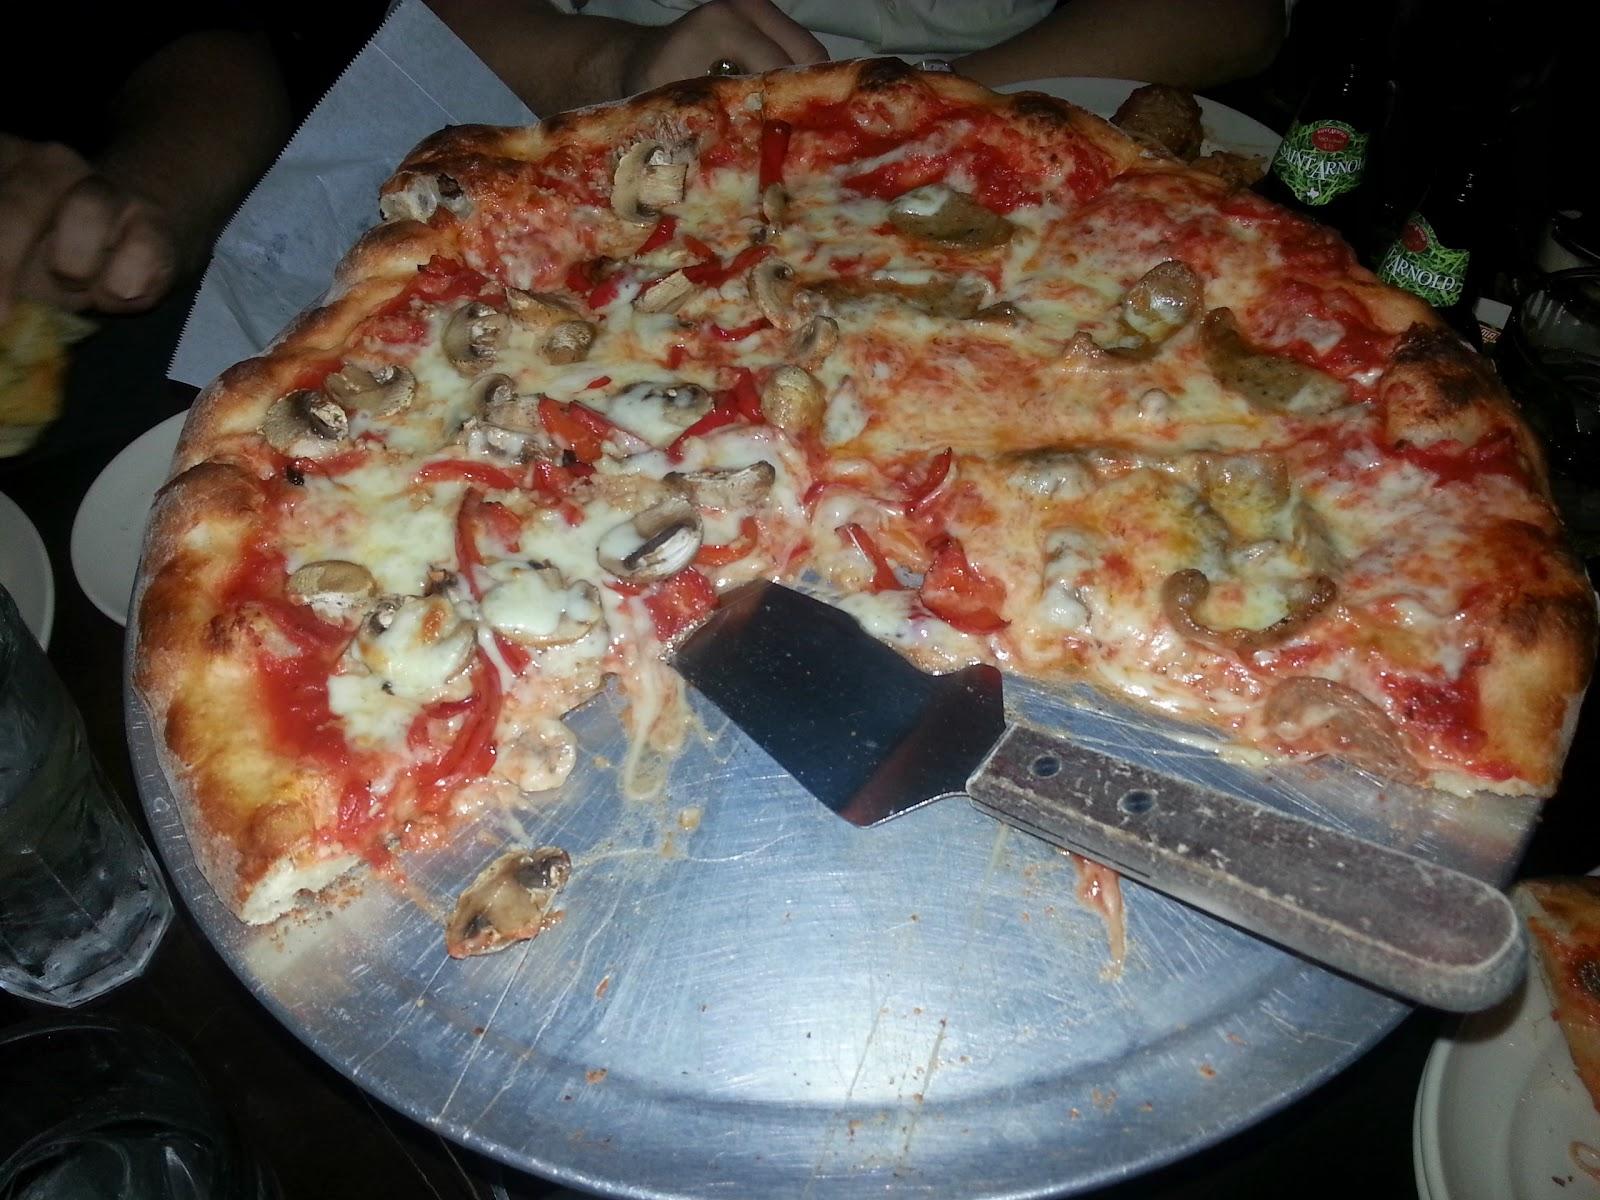 Mangiamo pizza